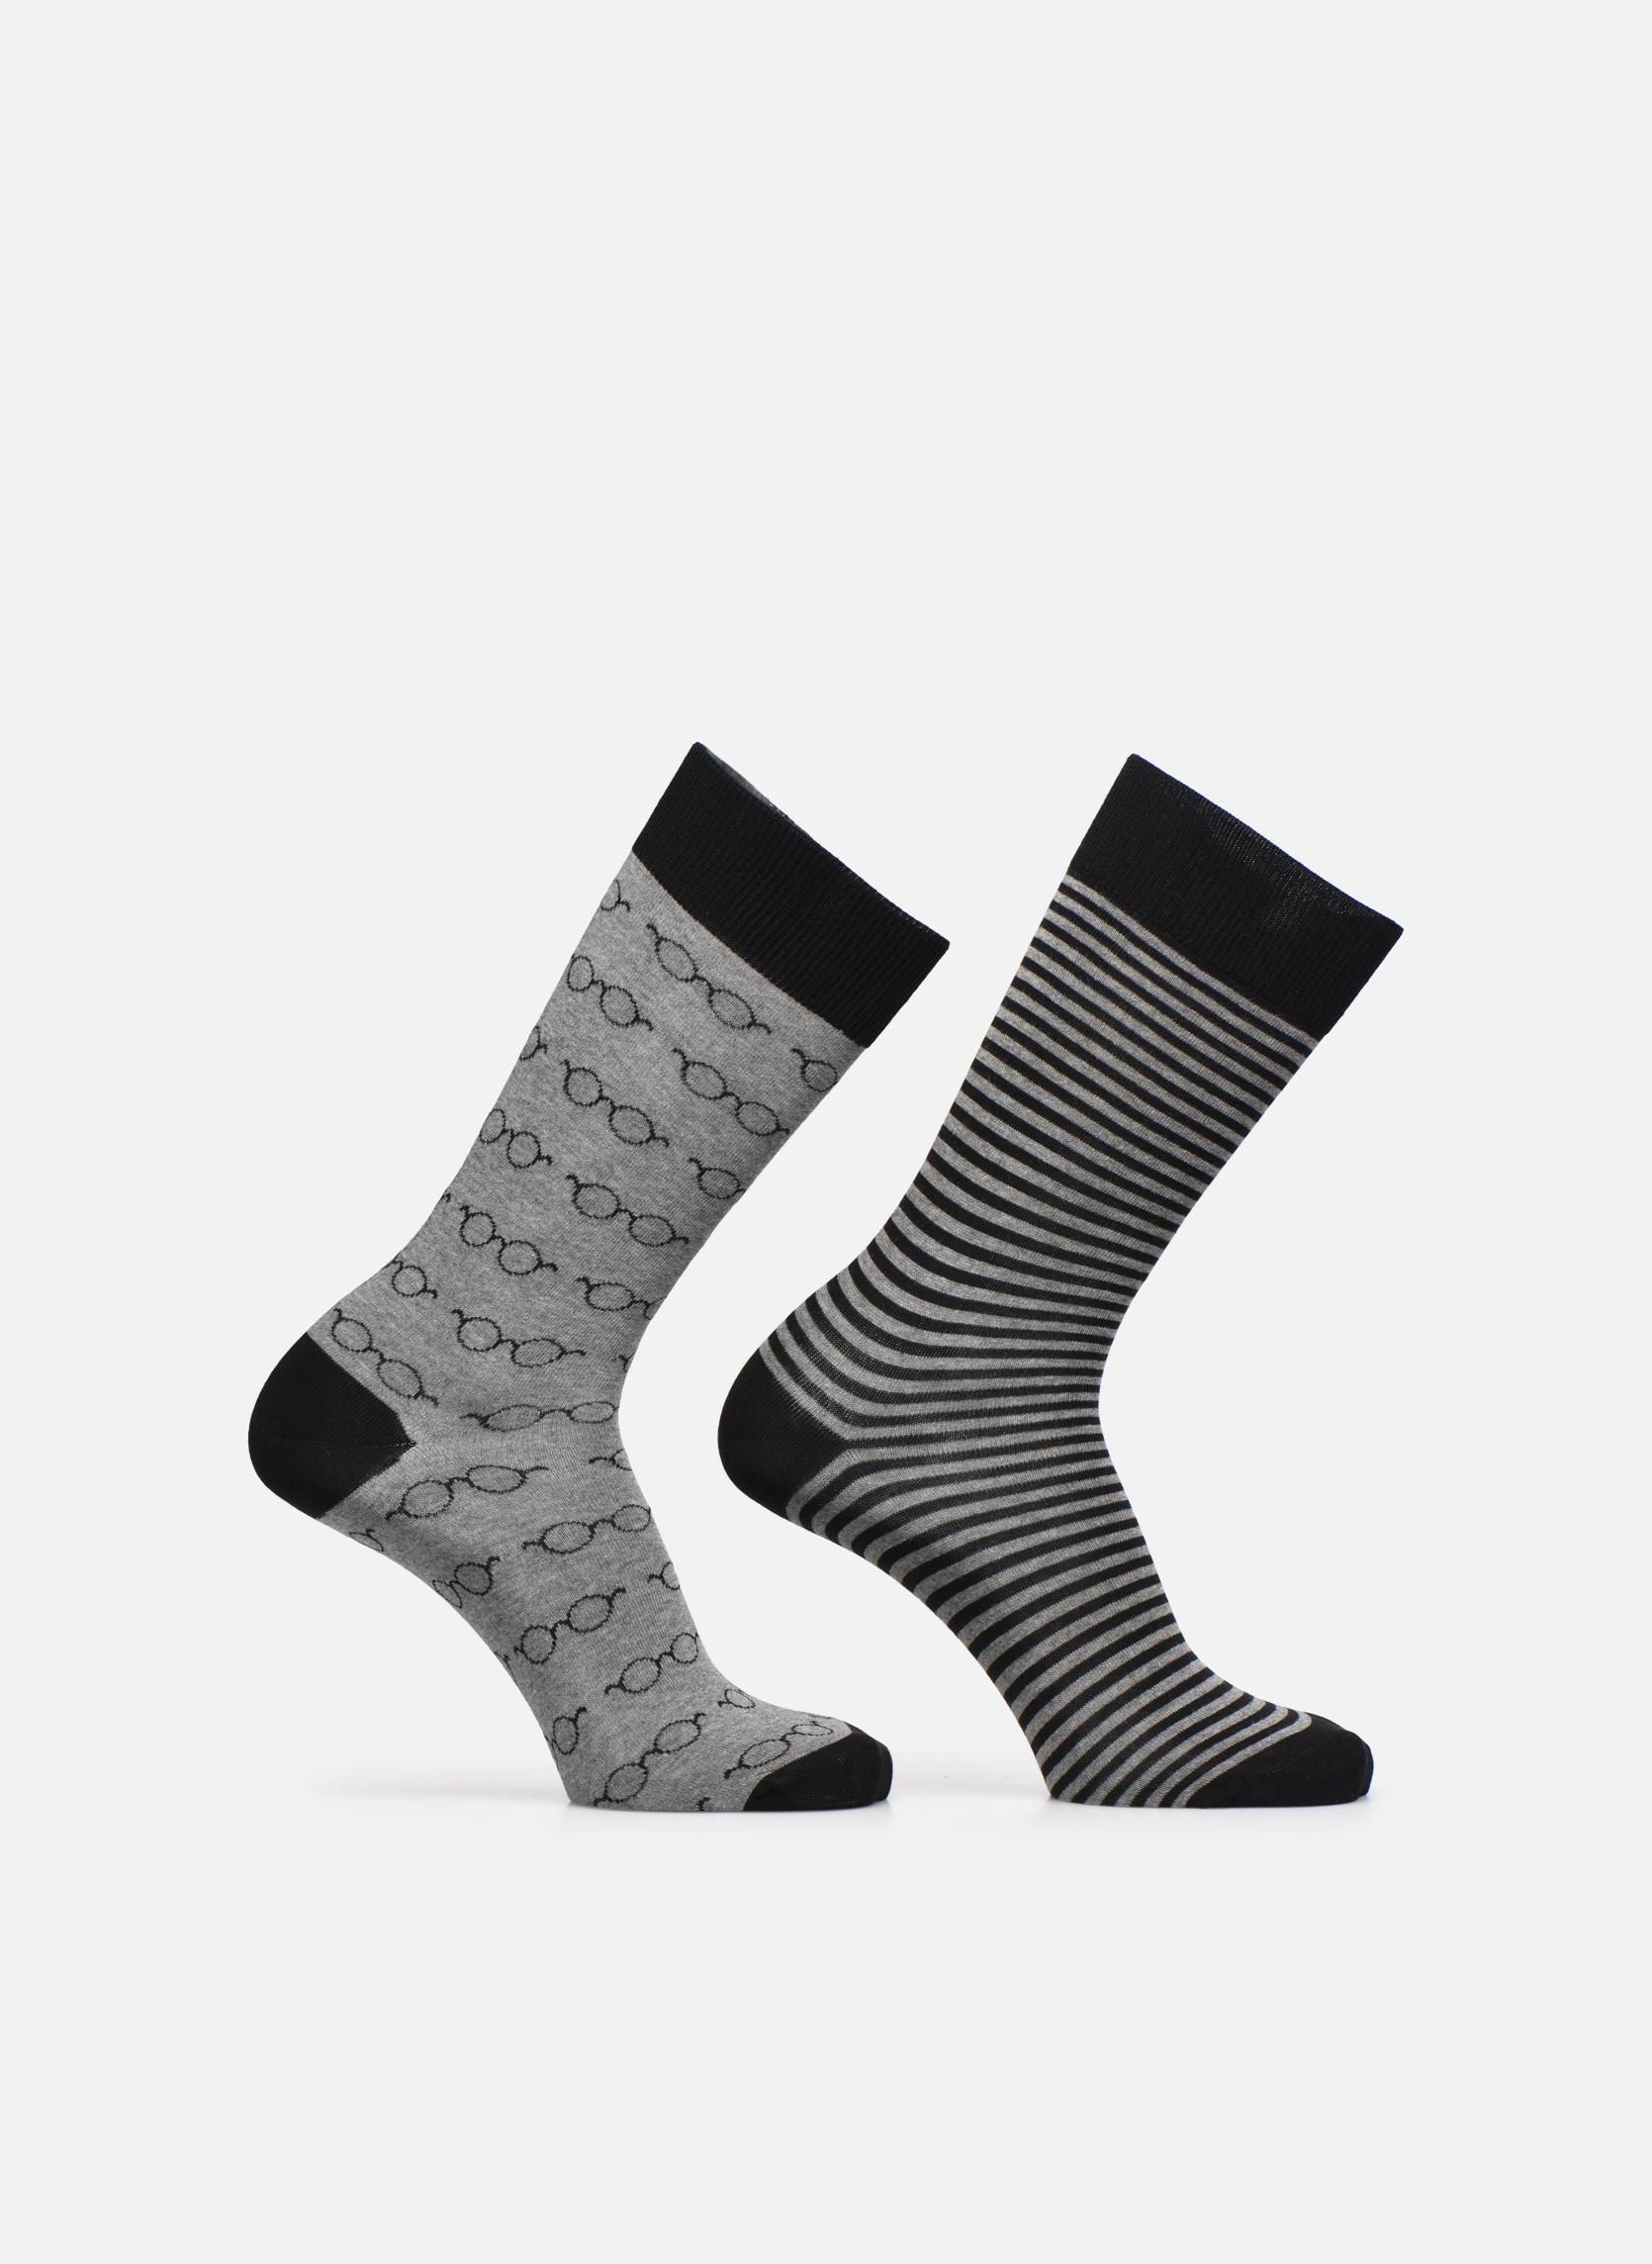 Socks & tights Accessories Chaussettes Lunettes Pack de 2 Homme coton